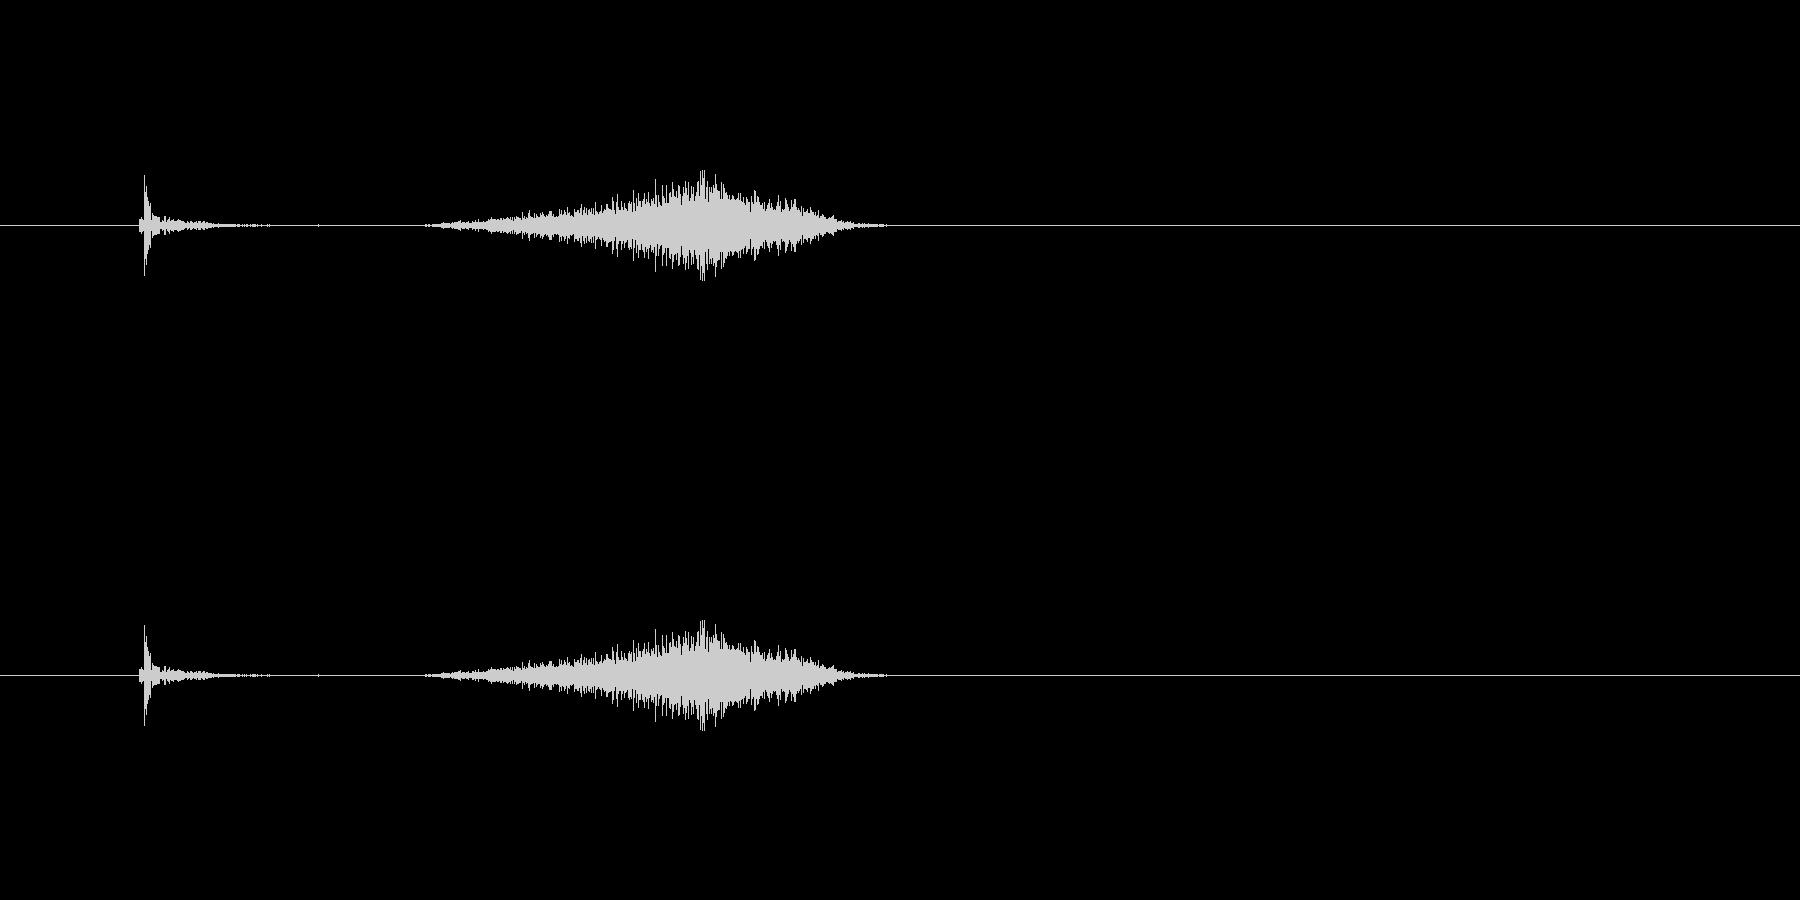 【カッター01-4(切る 紙)】の未再生の波形